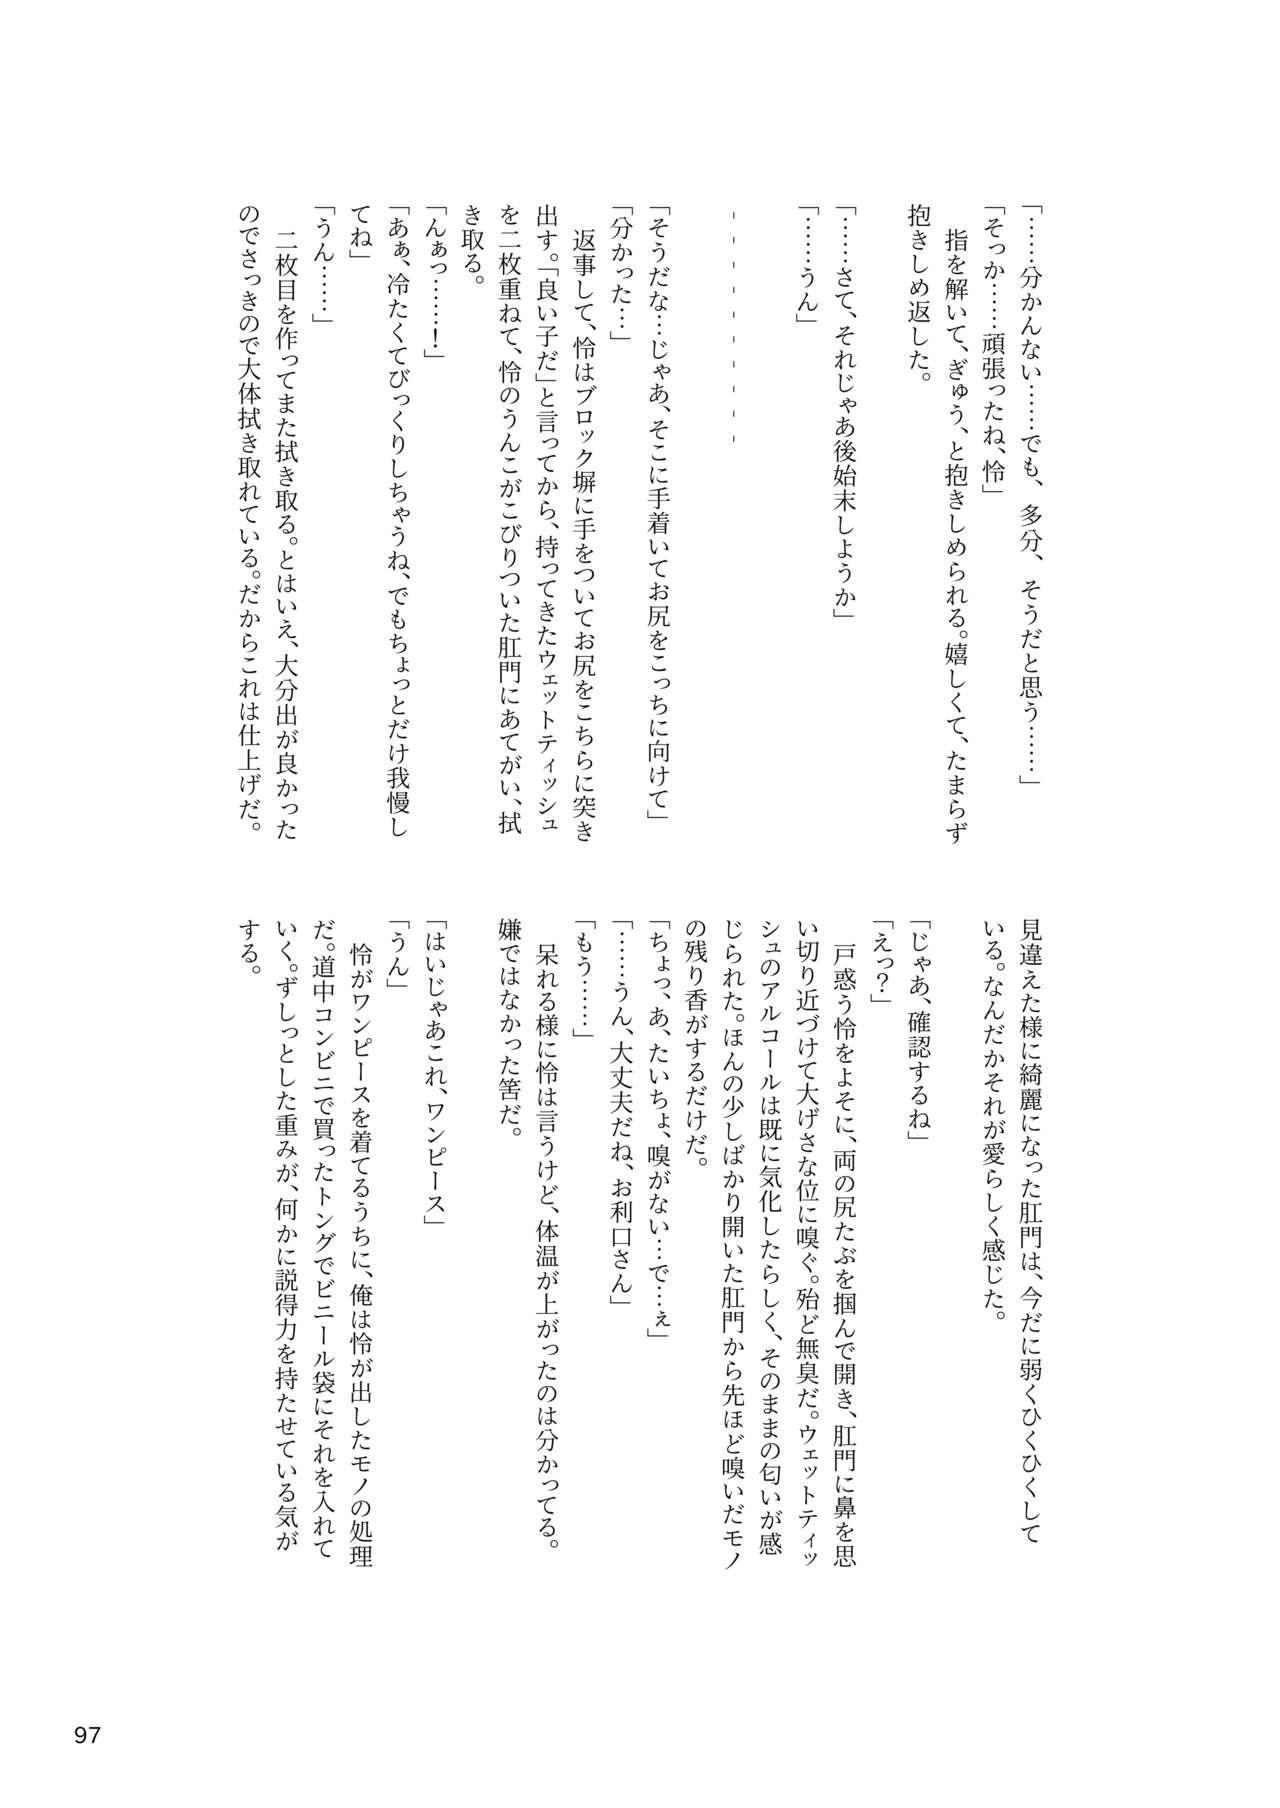 ア○スギア総合スカトロアンソロジー アクトレス排泄実態調査任務~スカポためるっすか!?~ 96